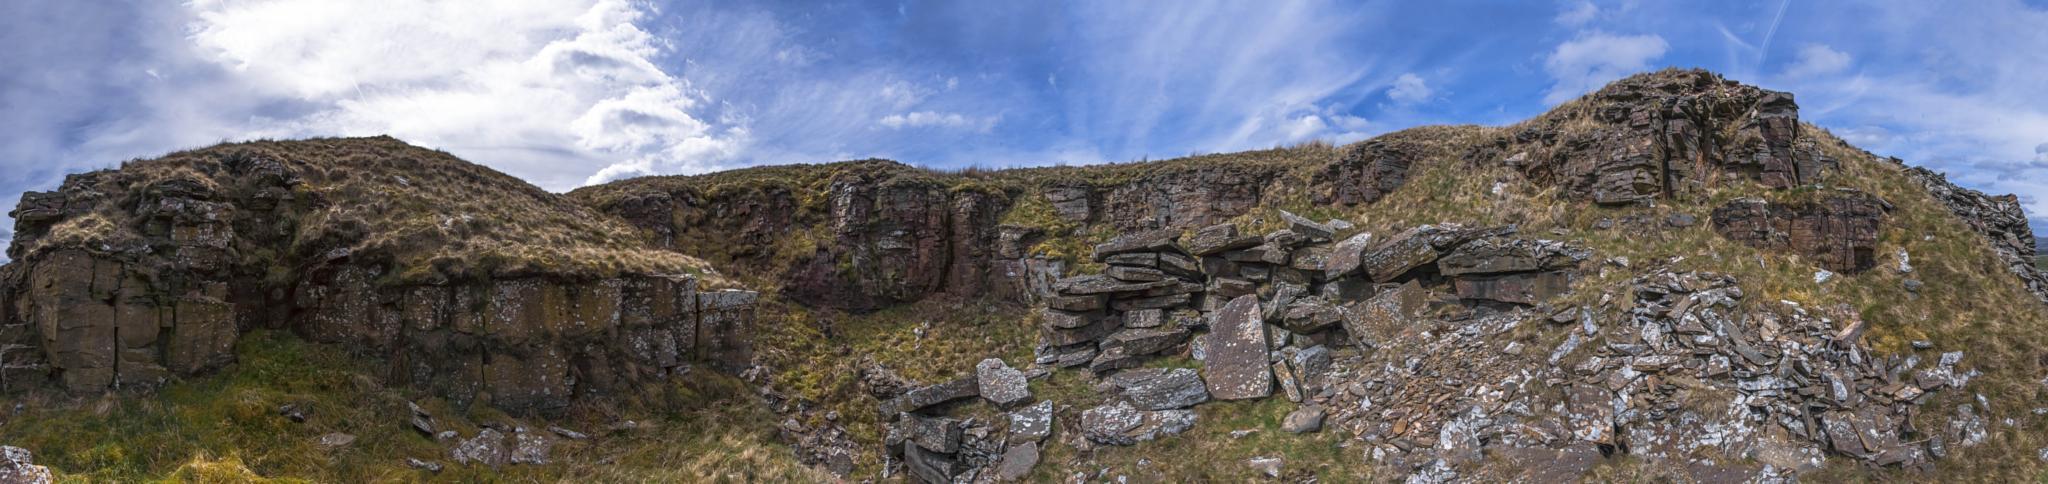 Rocky Landscape by vlgs6009